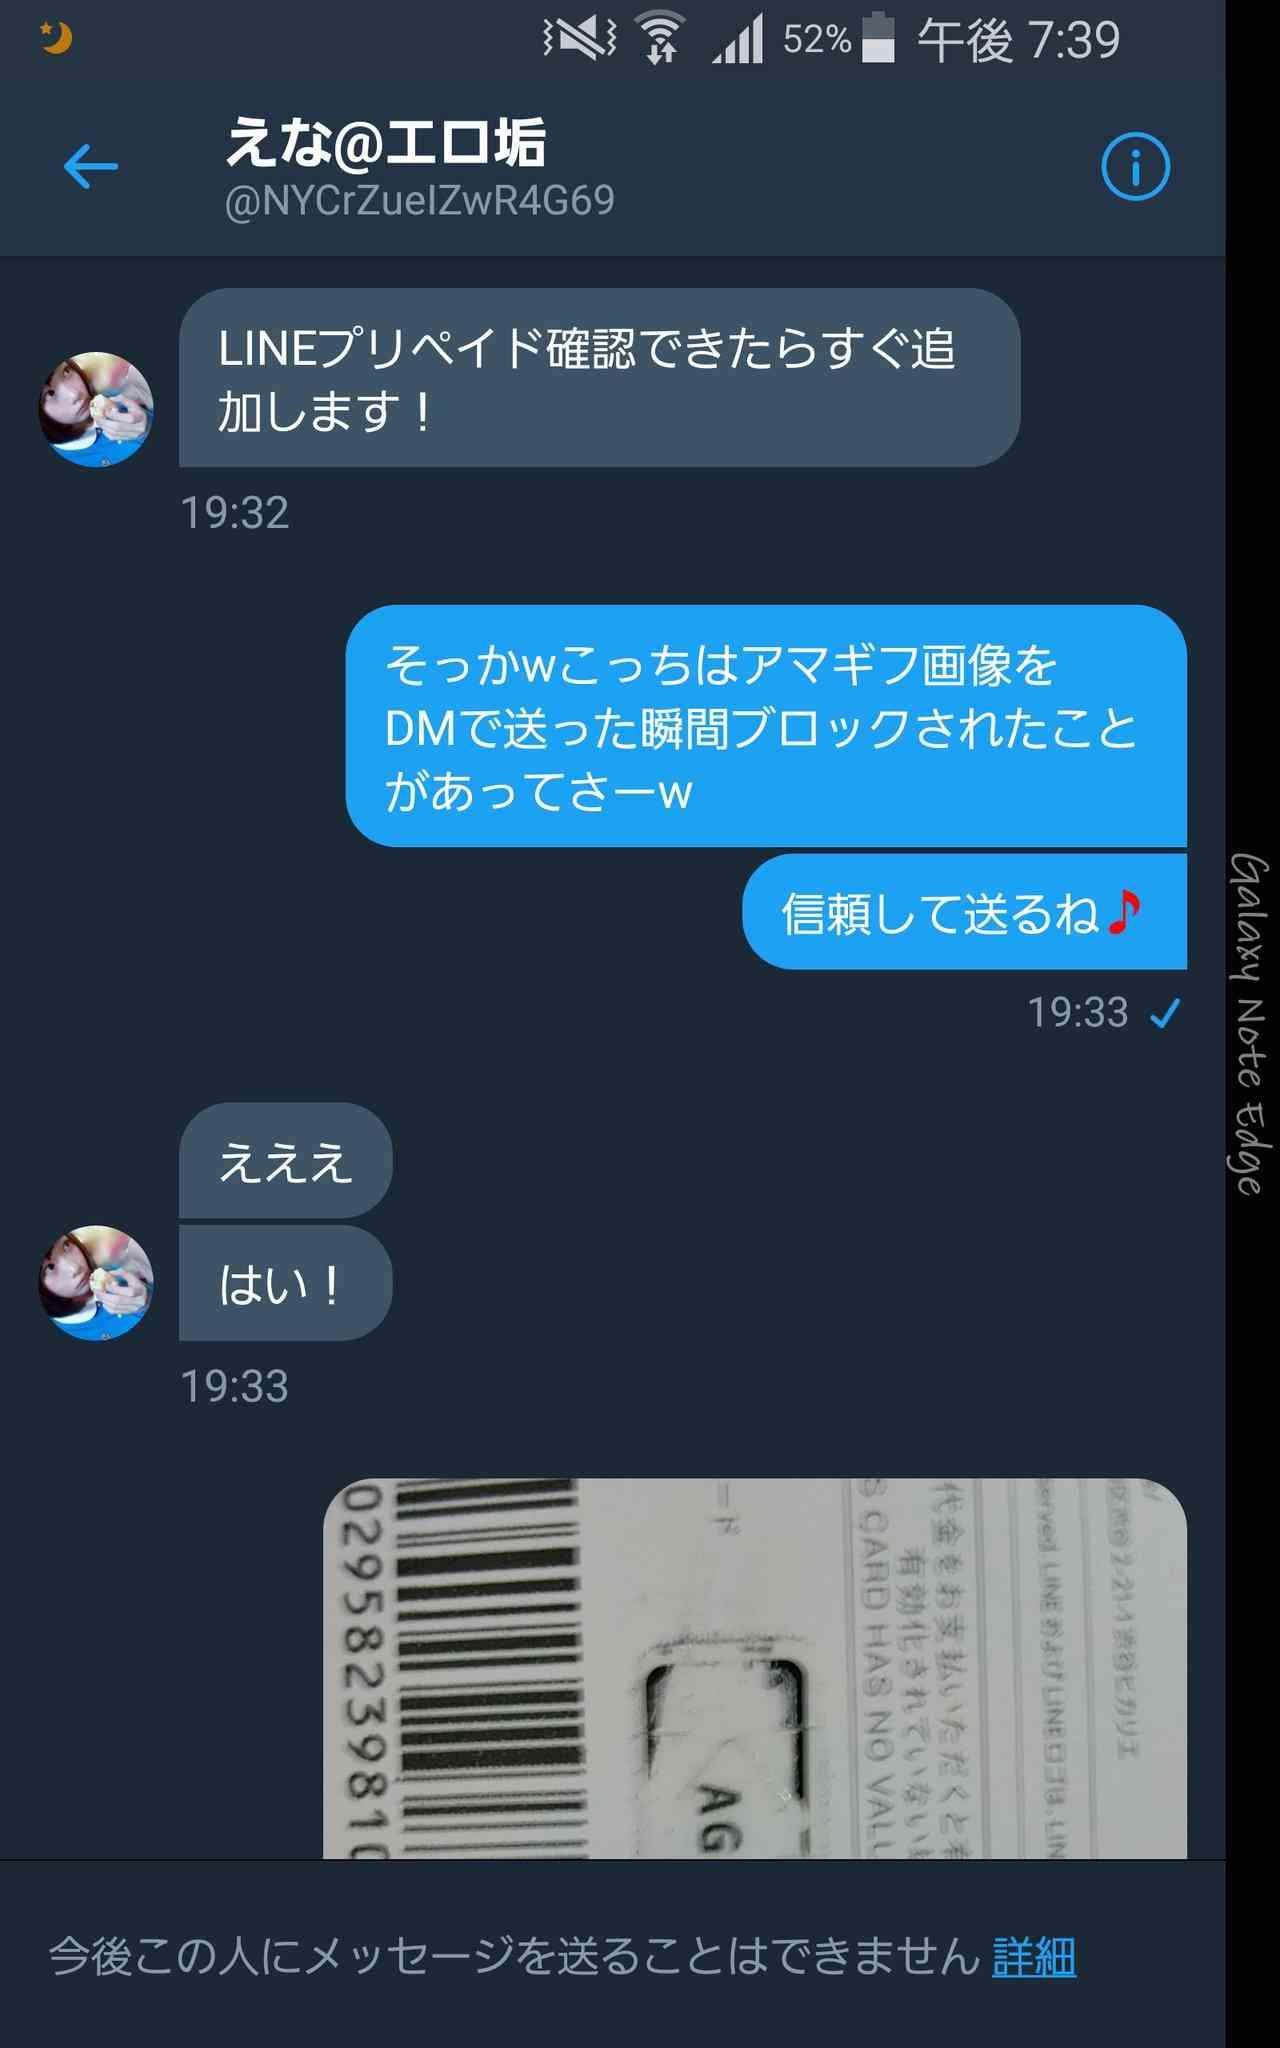 名古屋市の男子高校生26人 女子を装い出会い系アプリで電子マネー詐取